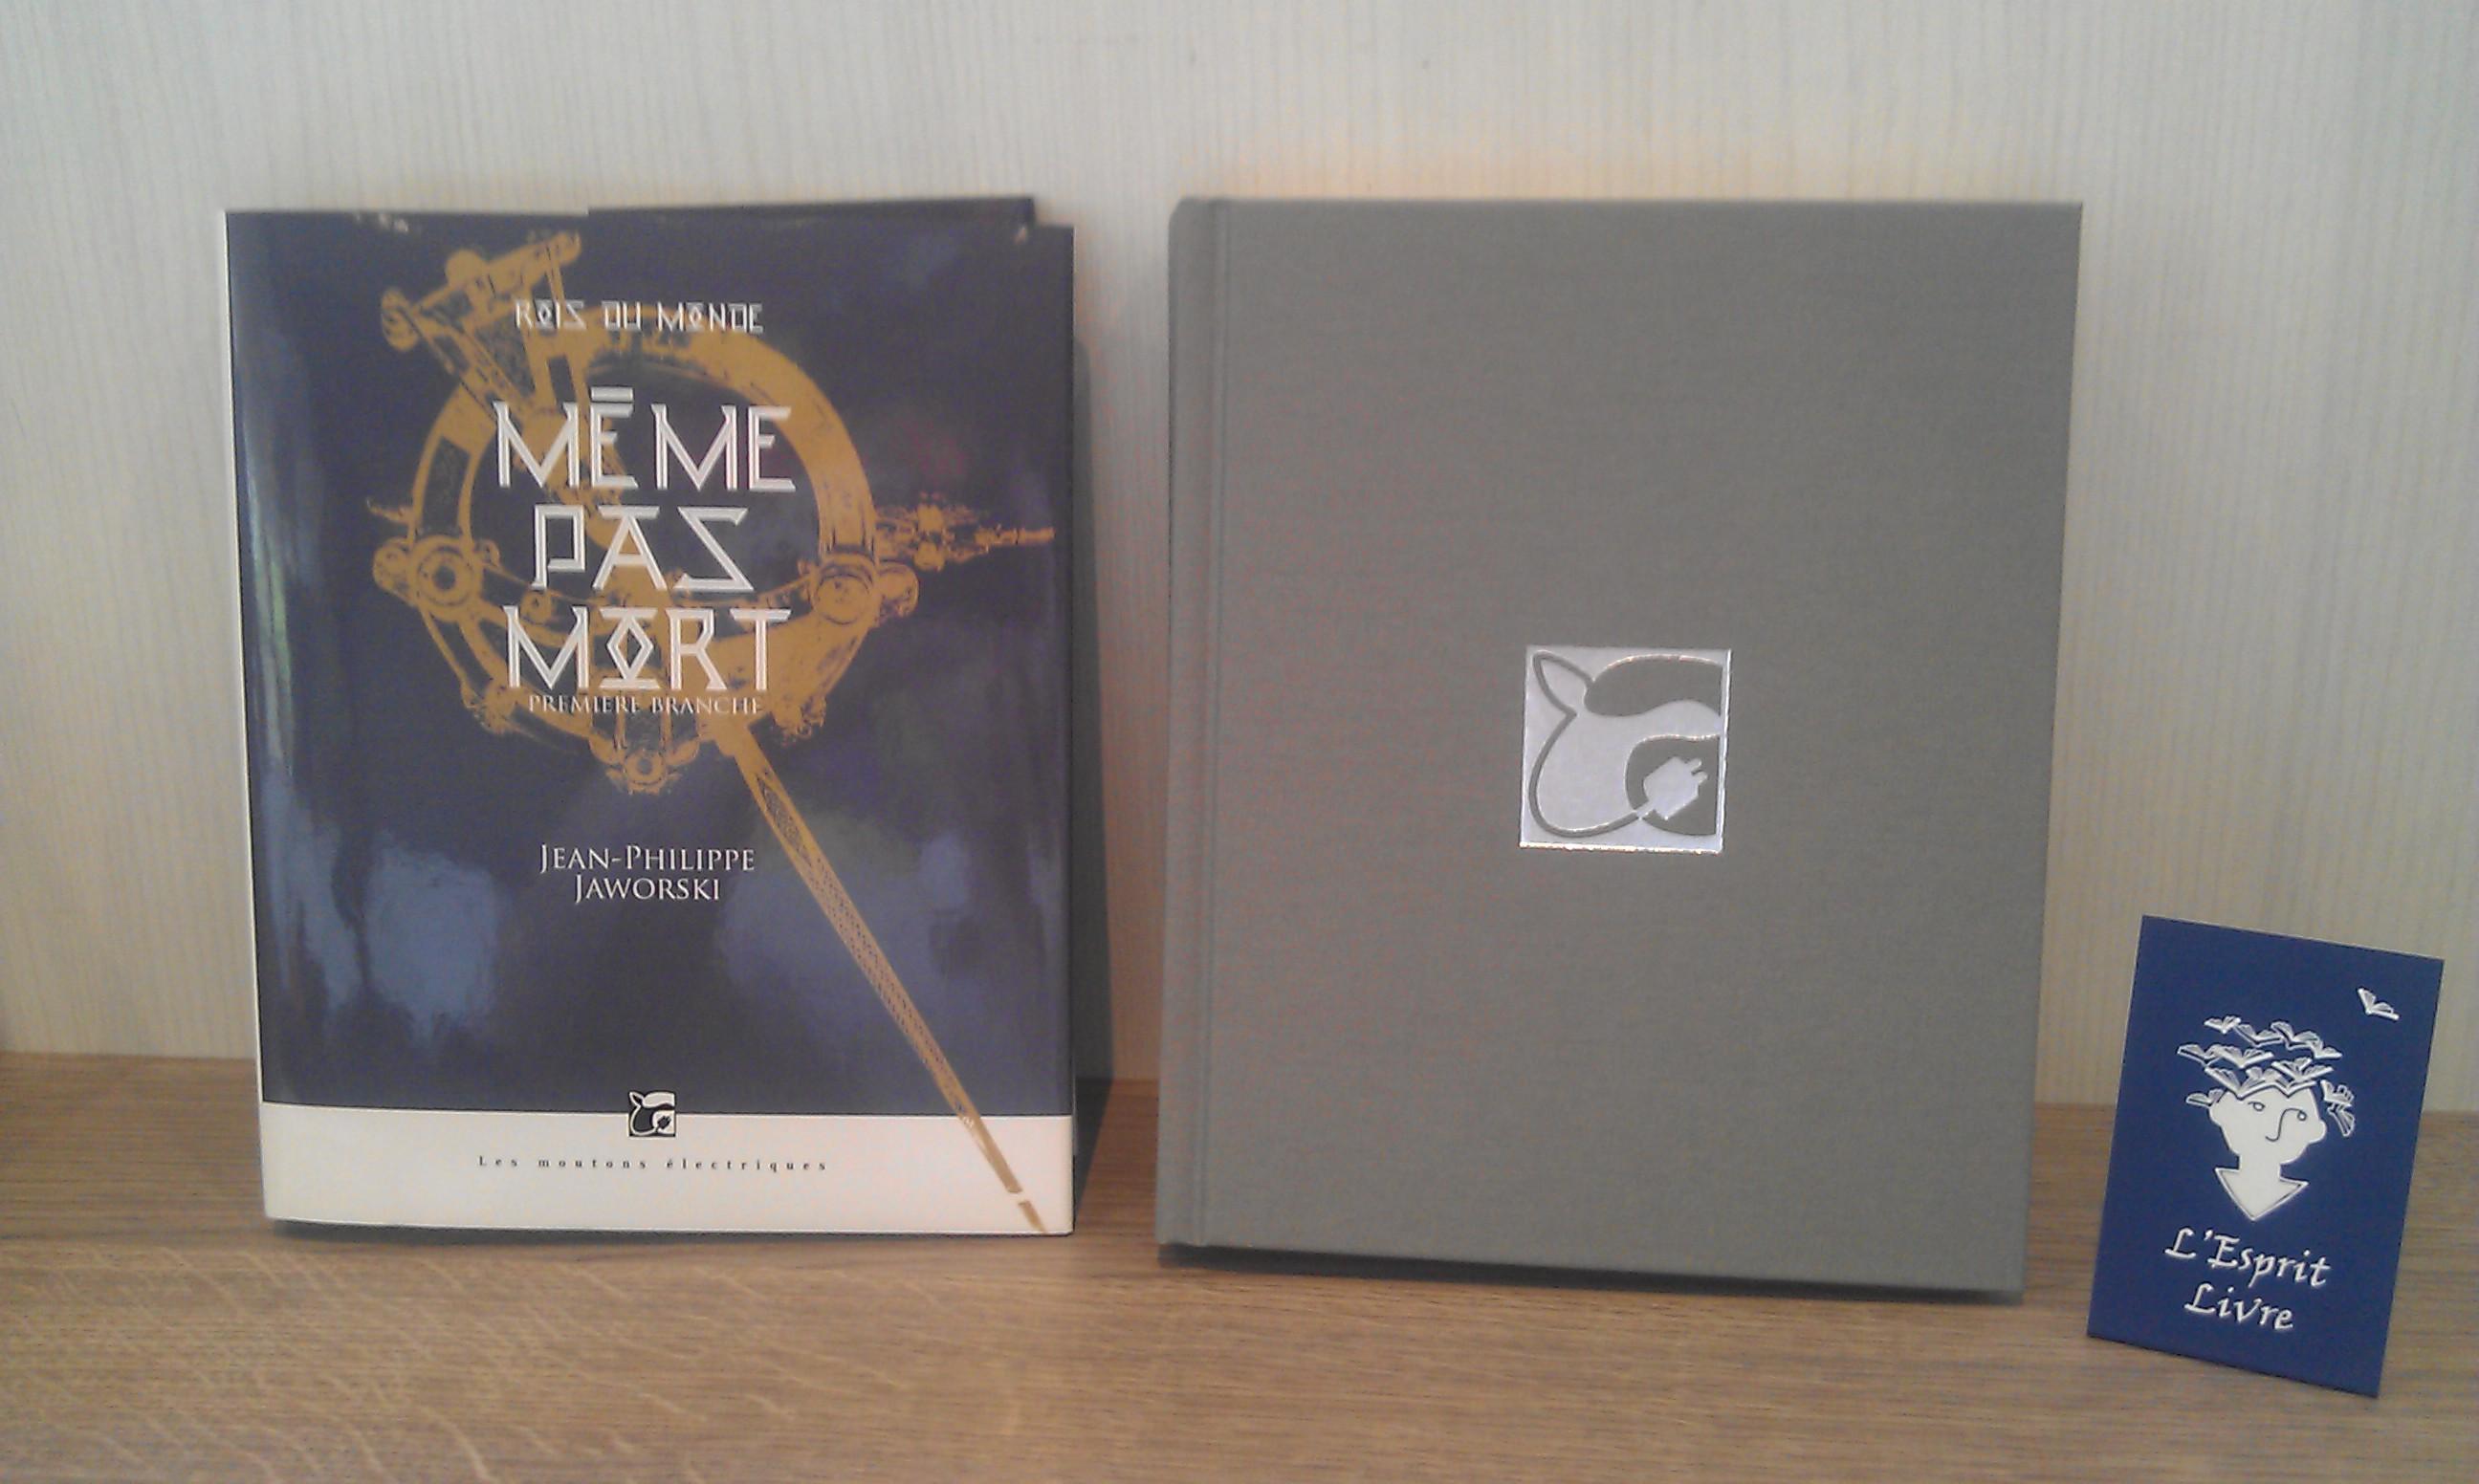 La Hardcover, c'est beau ! n'est-il pas ?